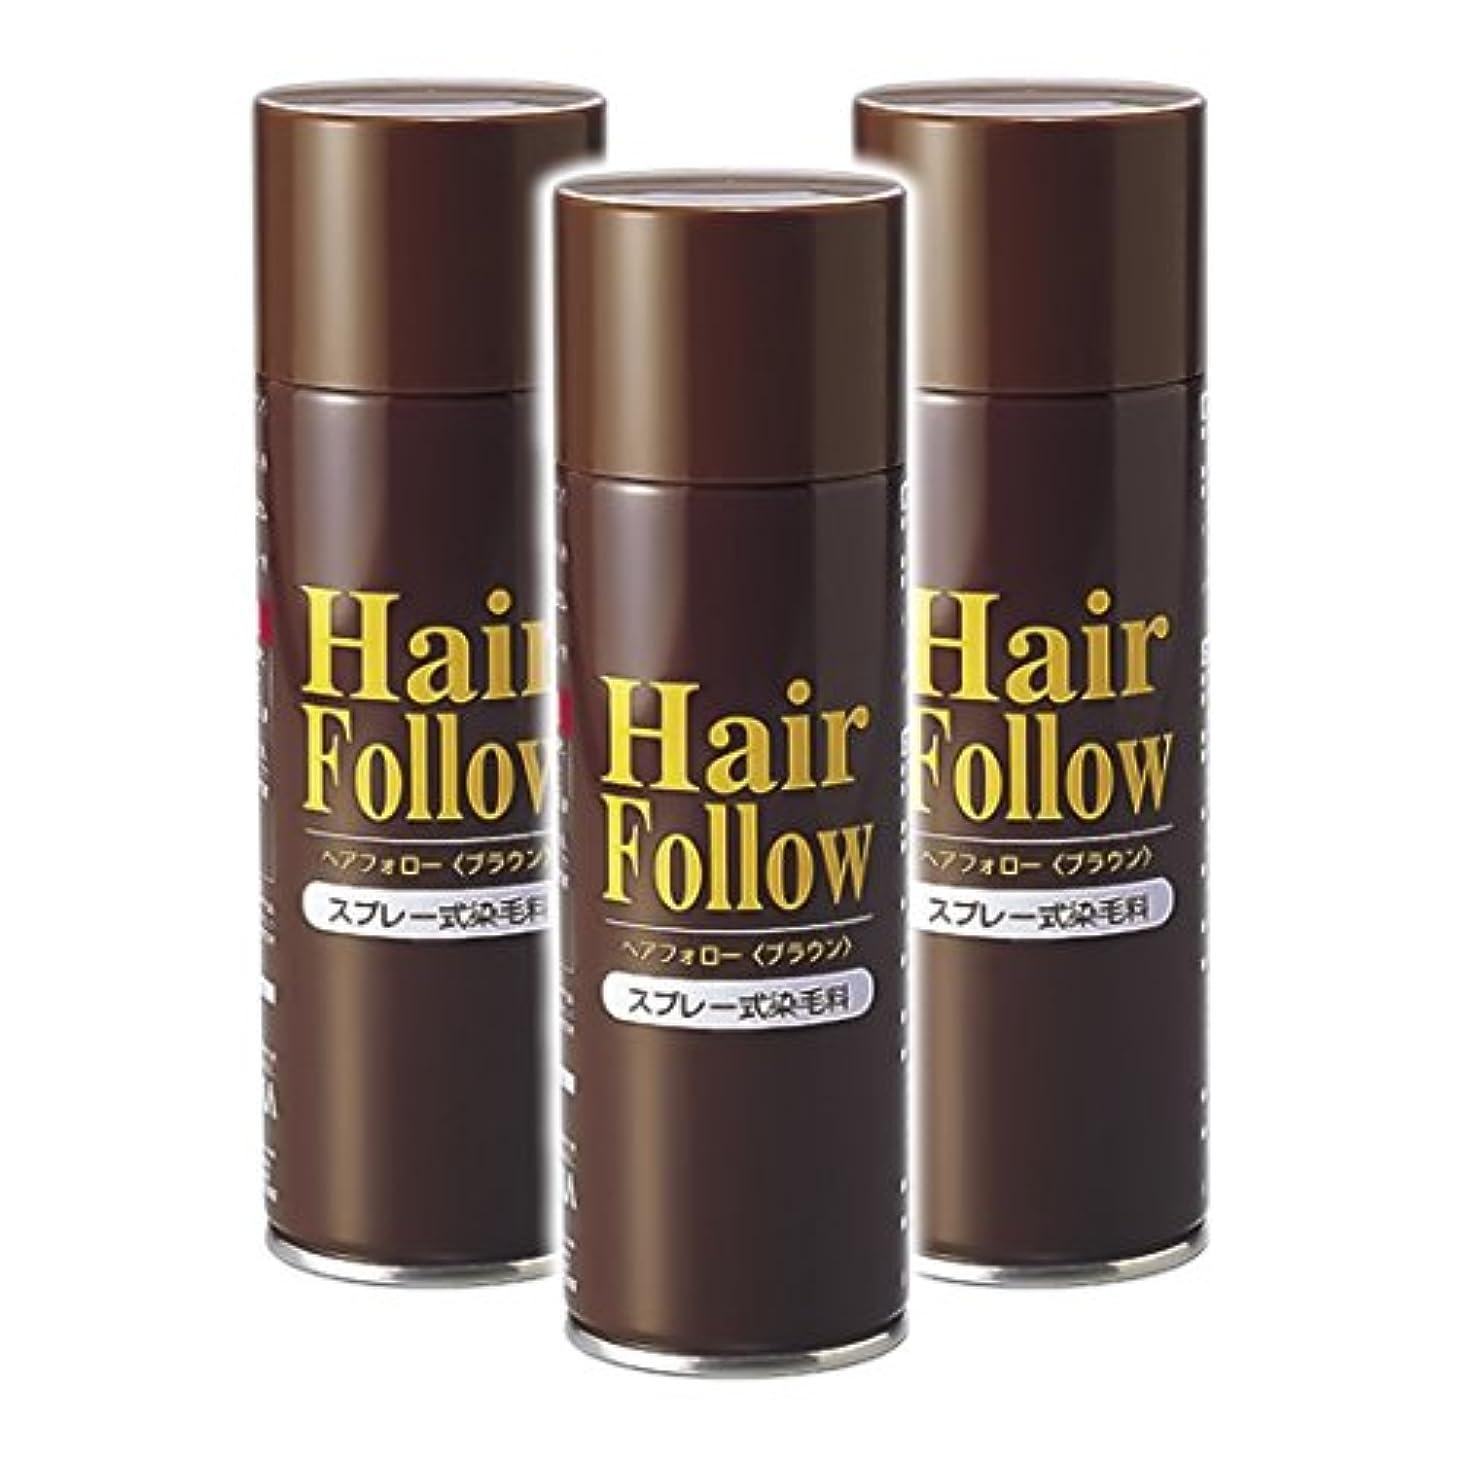 細菌オン甘やかす薄毛スプレー 3本セット ヘアフォロー HairFollow ブラウン 150g